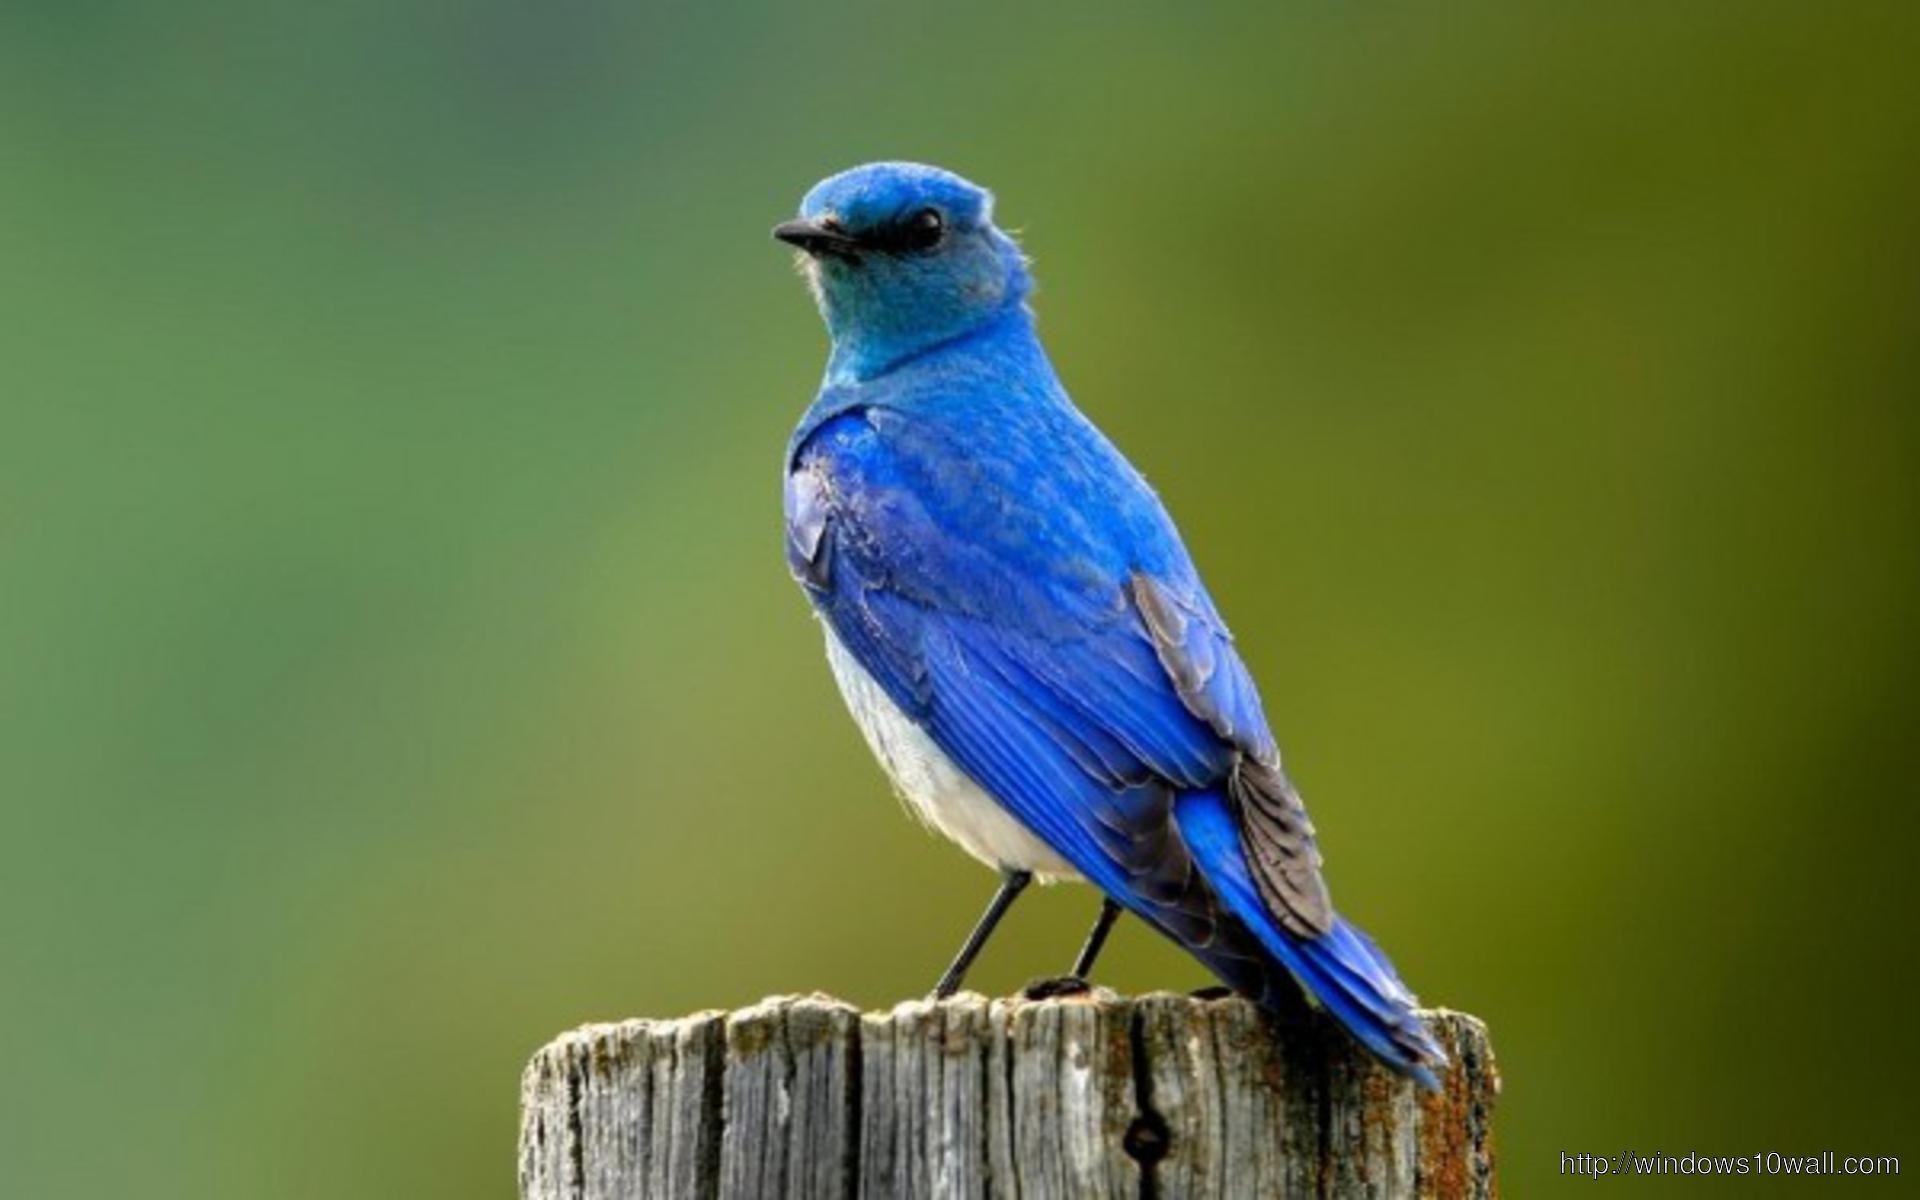 small-blue-bird-wallpaper